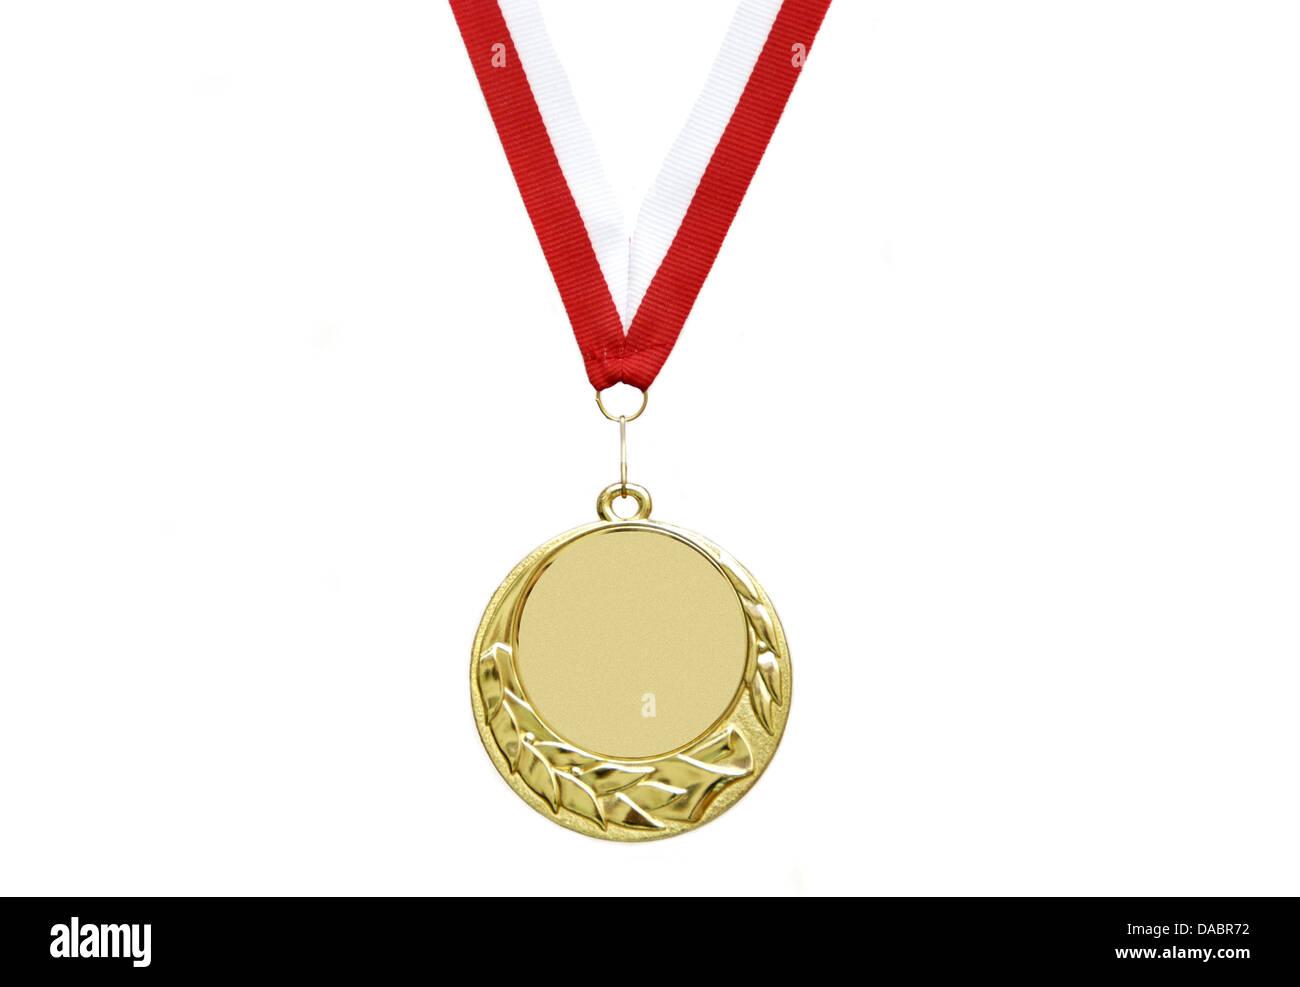 Medaglia d'oro con nastro Immagini Stock